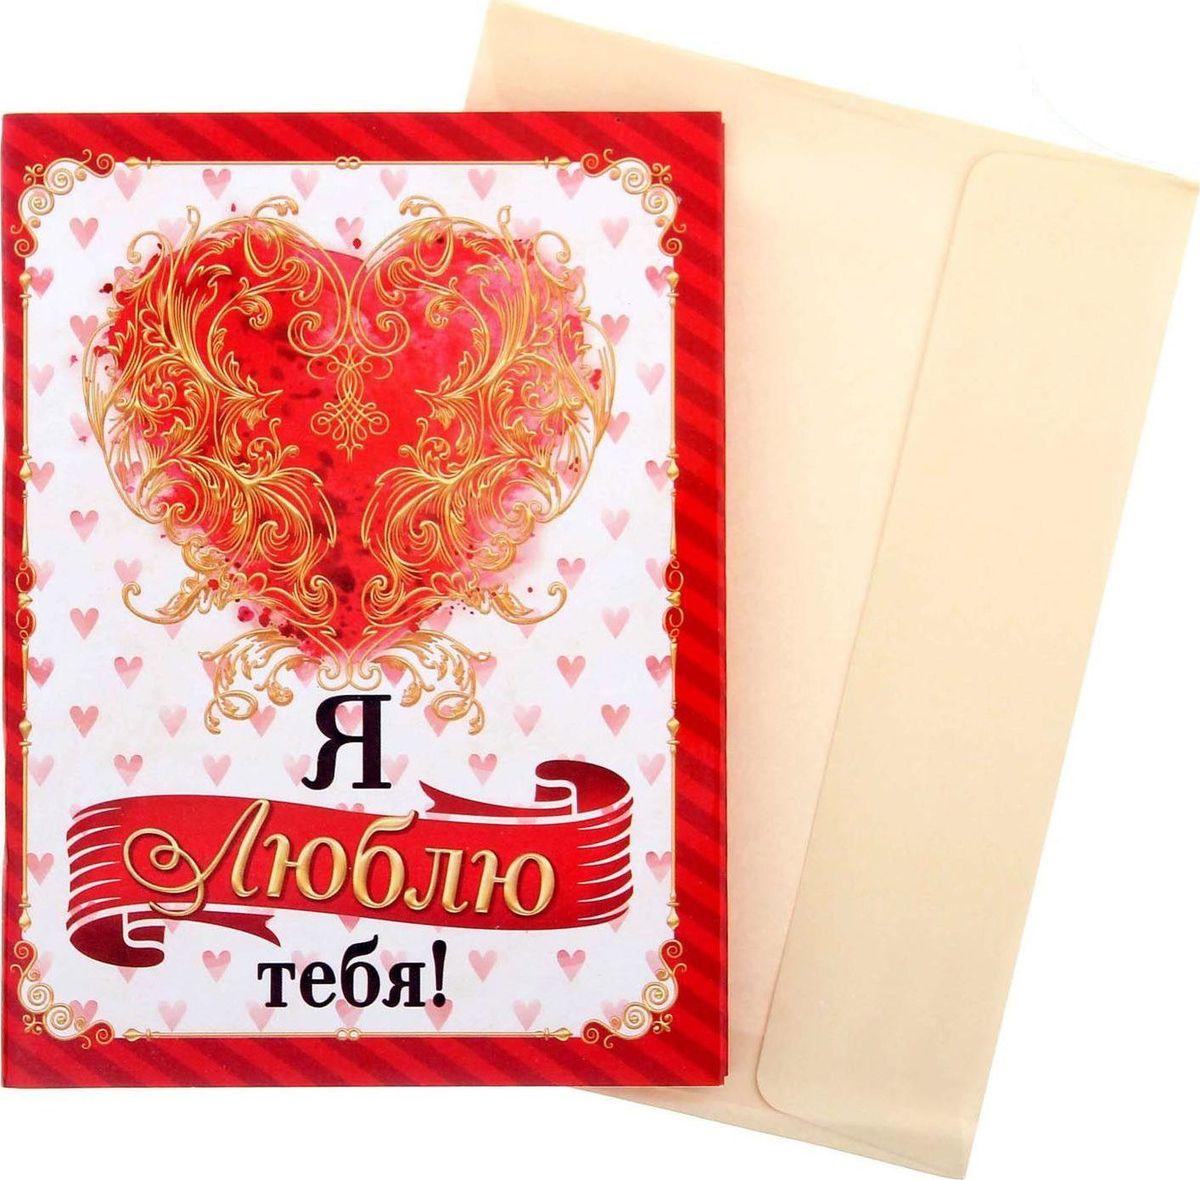 Блокнот-открытка Я люблю тебя 32 листа1104976Блокнот-открытка Я люблю тебя!, 32 листа сочетает в себе красоту и практичность. Он содержит приятные пожелания от близких людей, а 32 дизайнерских листа с бархатной фактурой подарят отличное настроение владельцу. В отличие от обычной открытки, которая будет пылиться в шкафу, блокнотом приятно пользоваться! Изделие дополнено универсальным конвертом, подпишите его и вручите сувенир адресату на любой праздник.